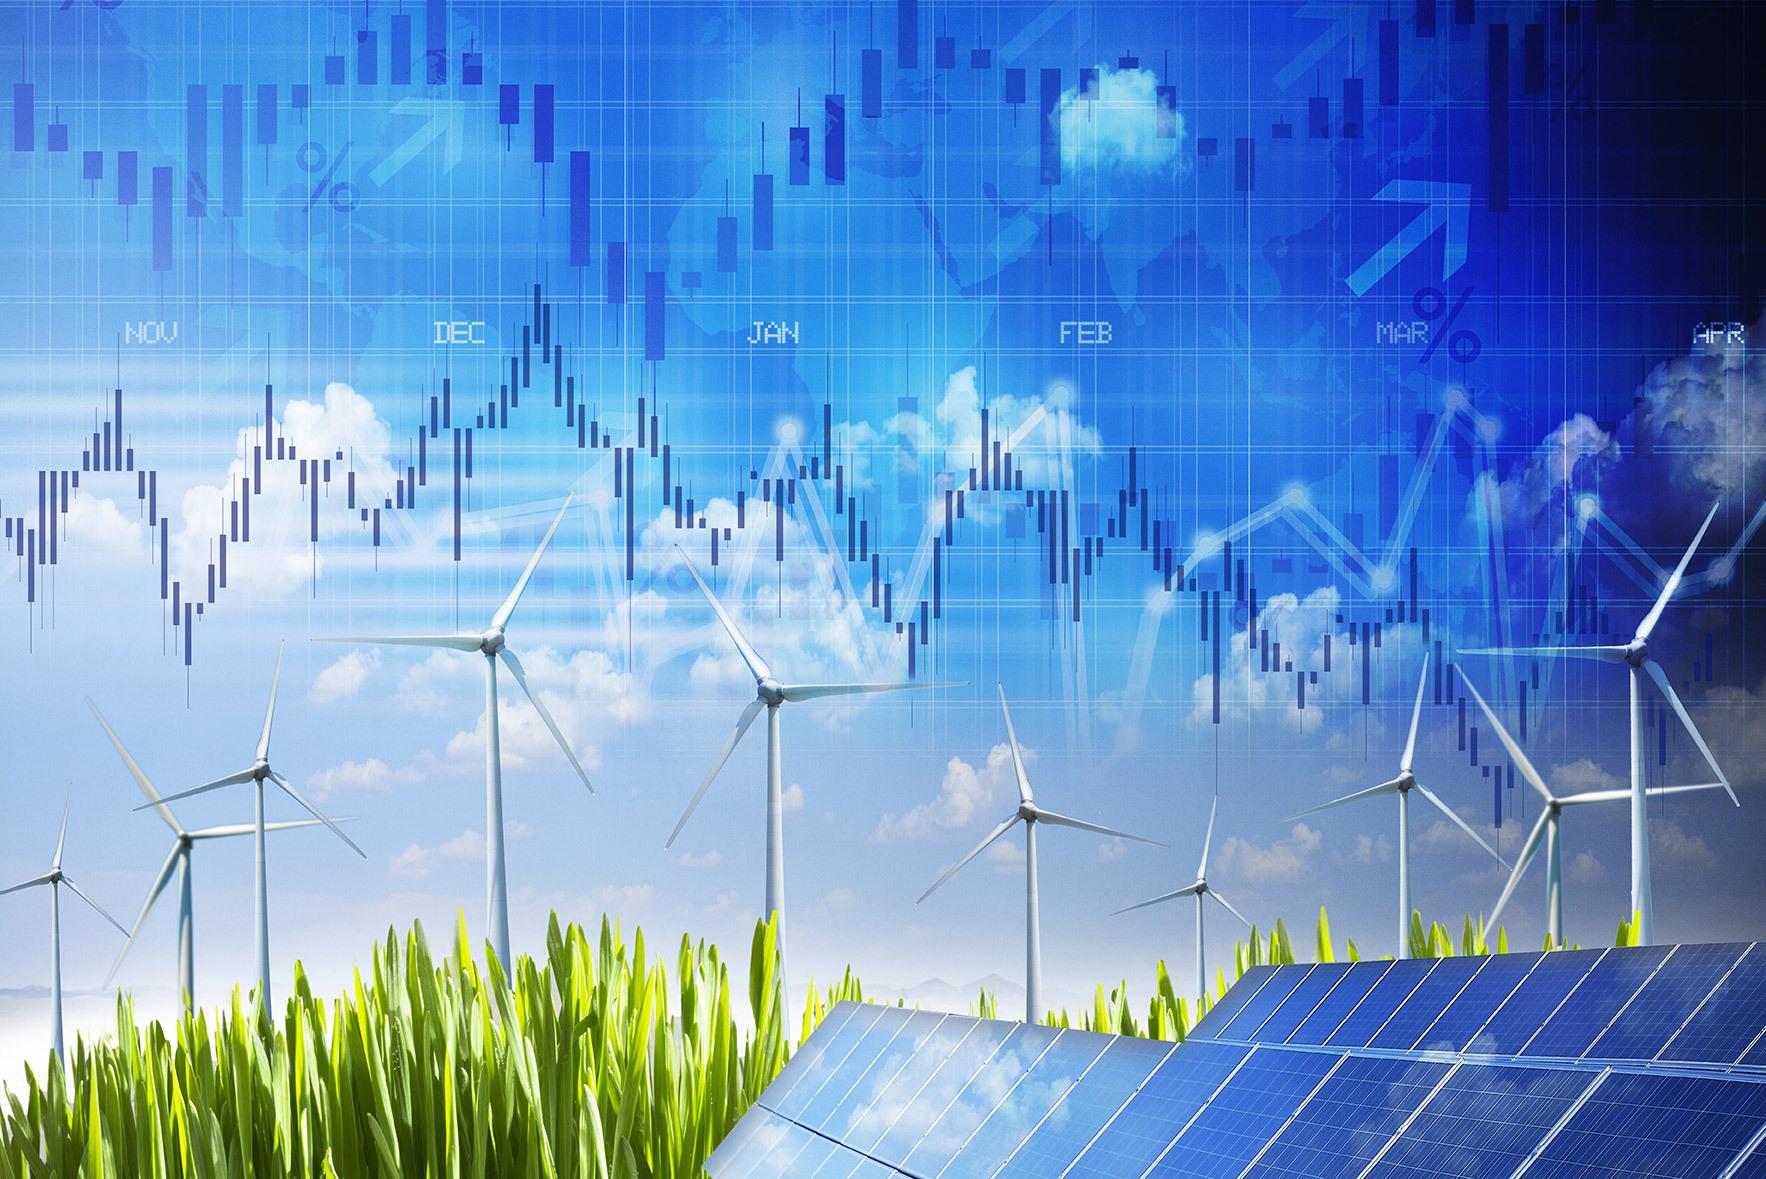 O futuro é o mercado livre, novas aquisições e viabilização de projetos